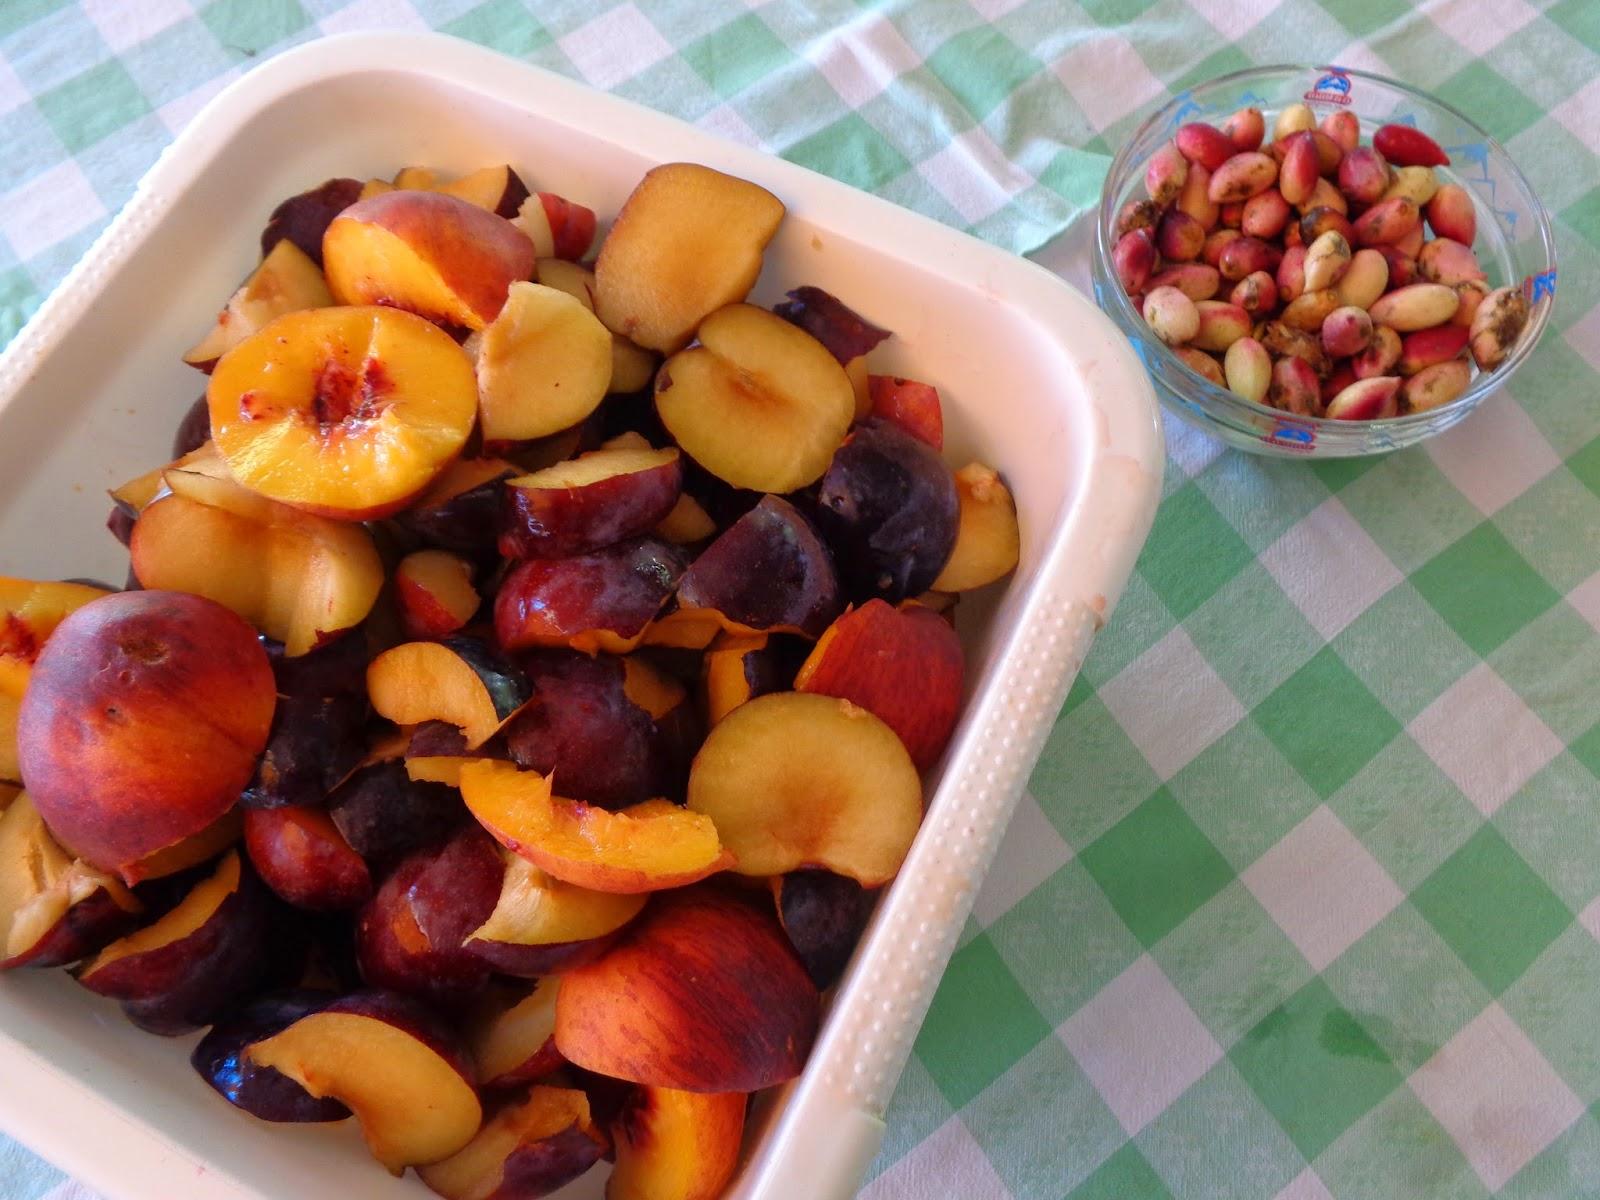 μαρμελάδα ροδάκινα με βανίλιες